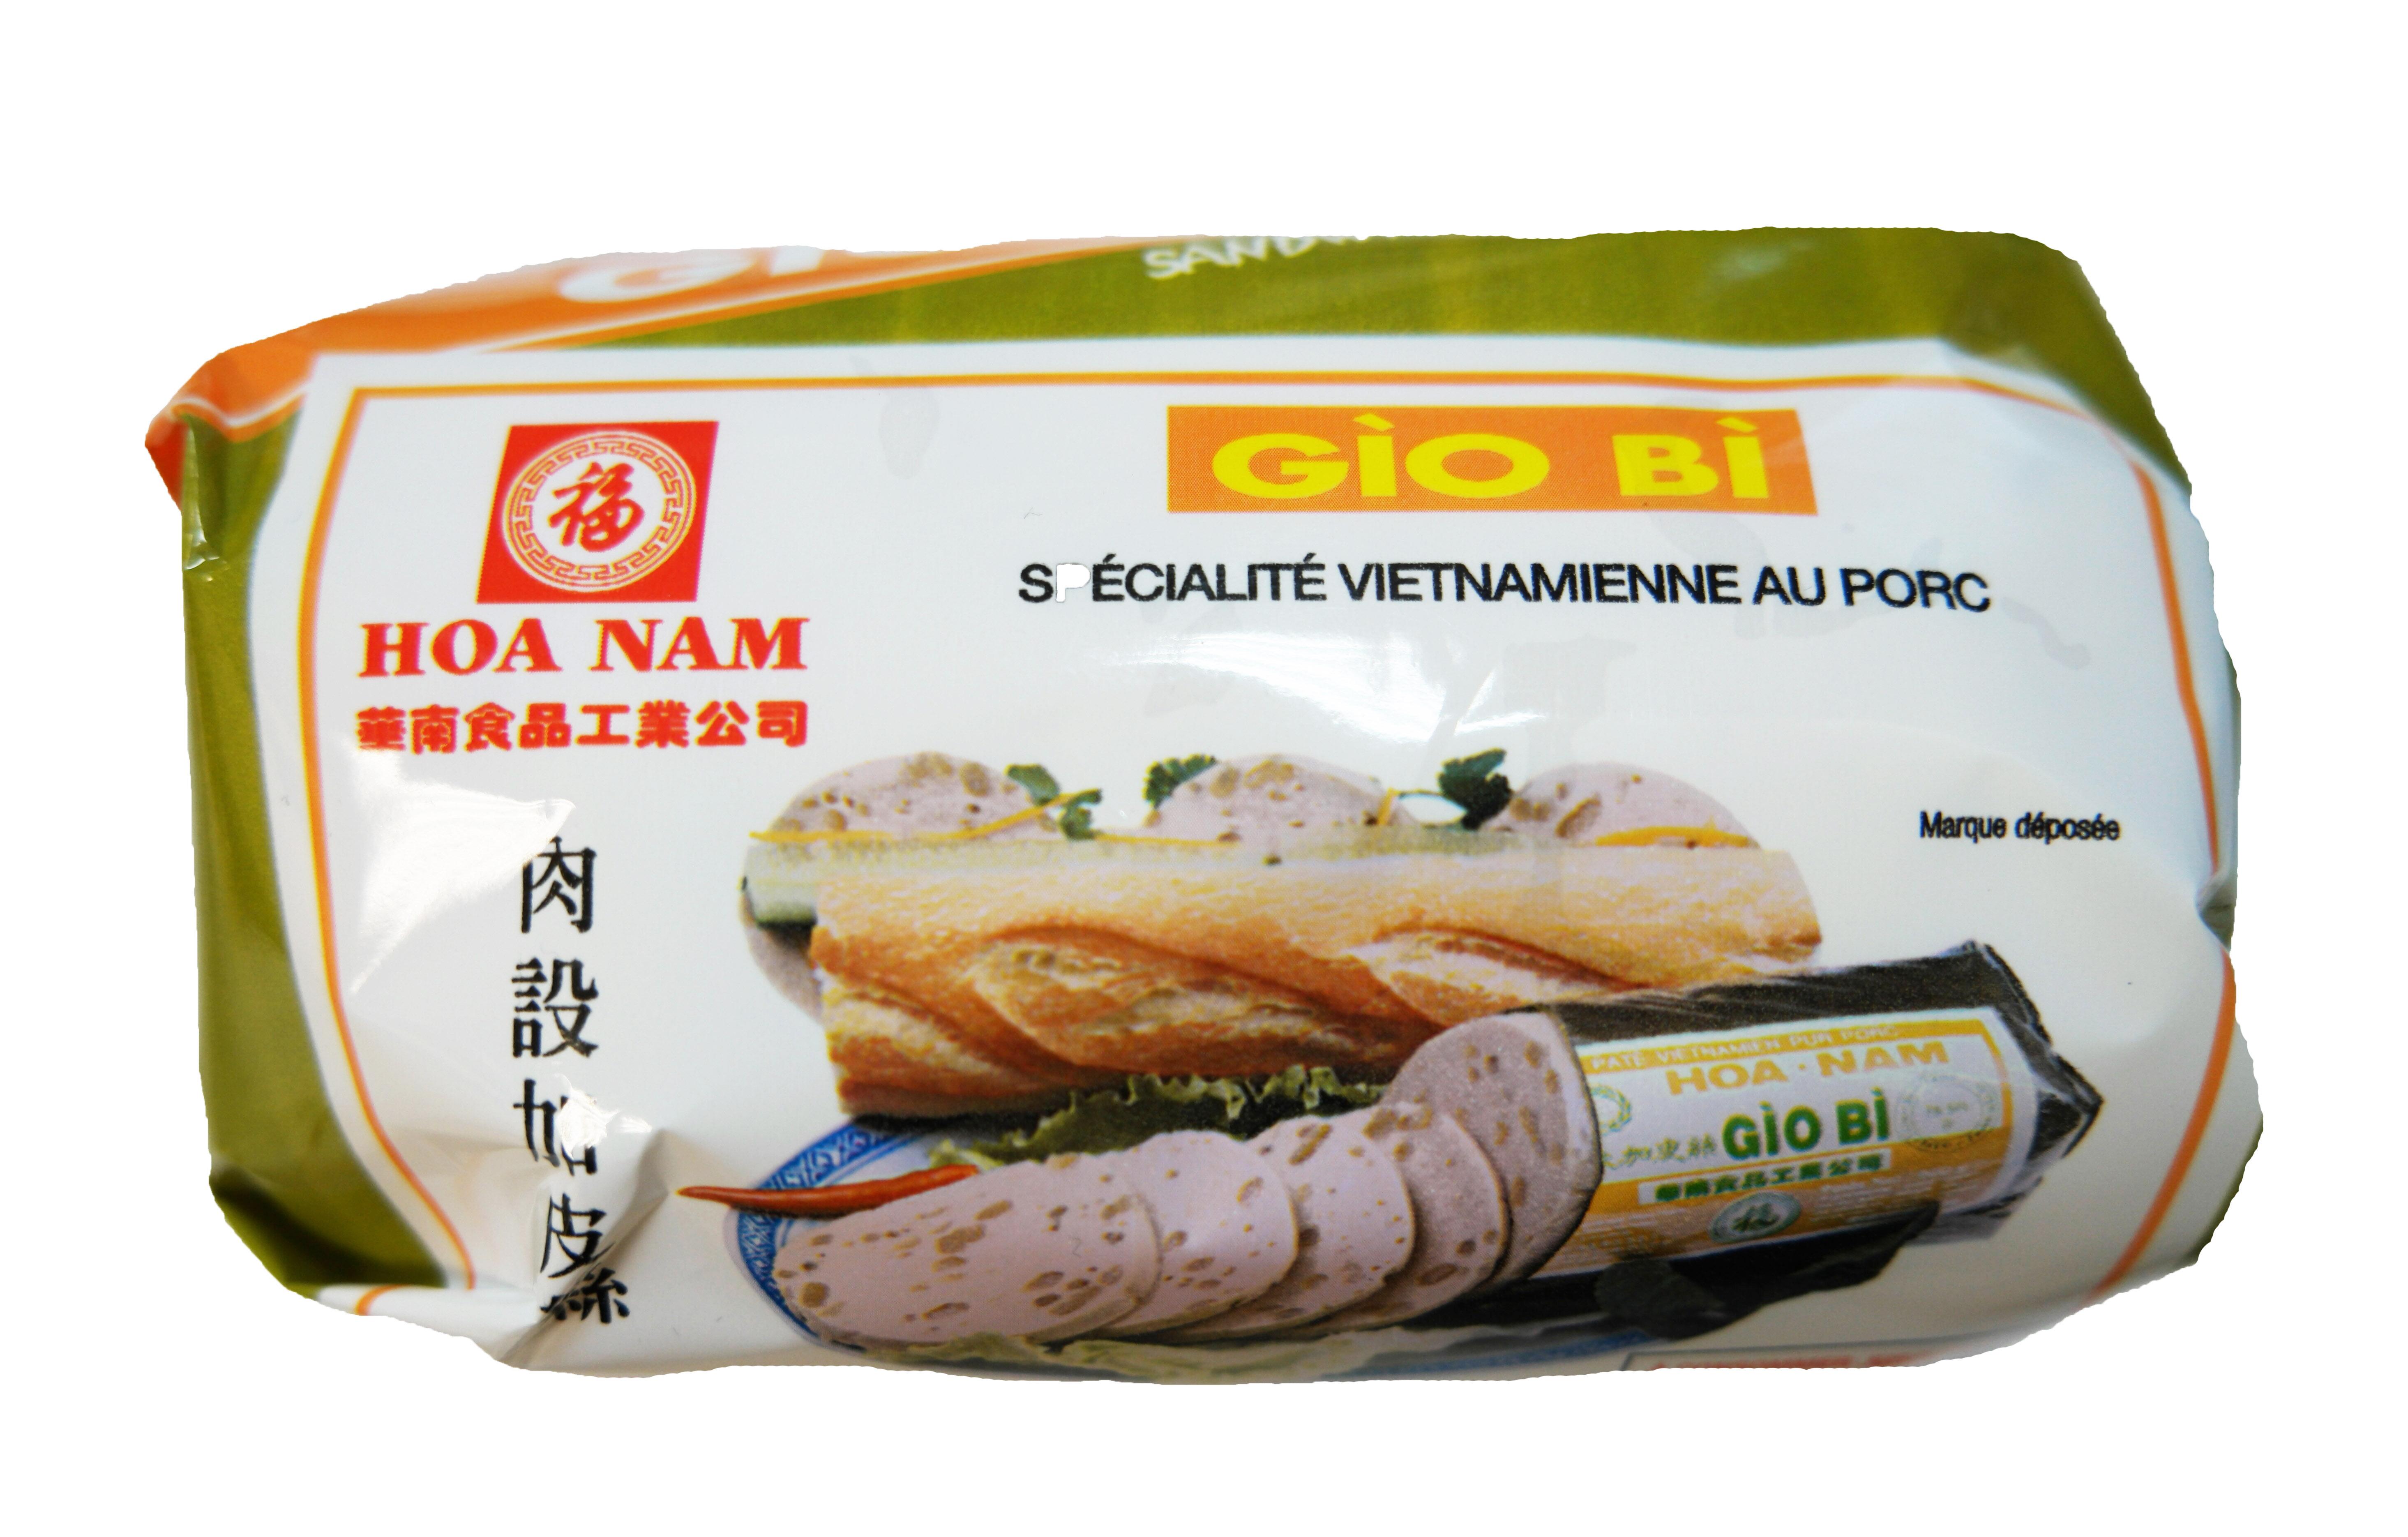 Pâté vietnamien au porc avec couenne Gio Bi, Hoanam (500 g)